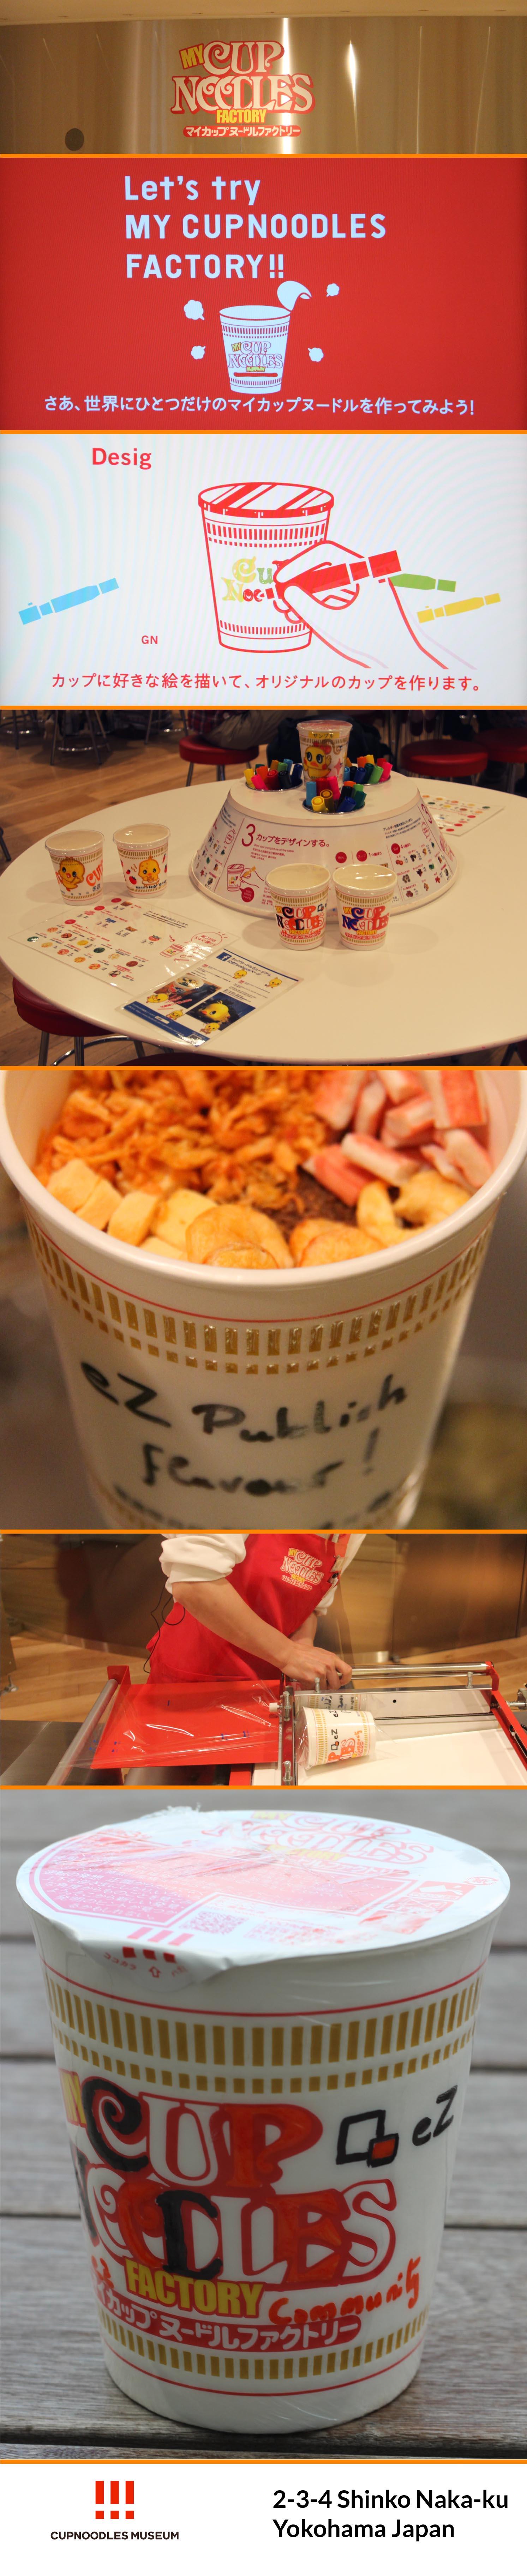 eZ Publish Flavour! #mycupnoodlesfactory #japan